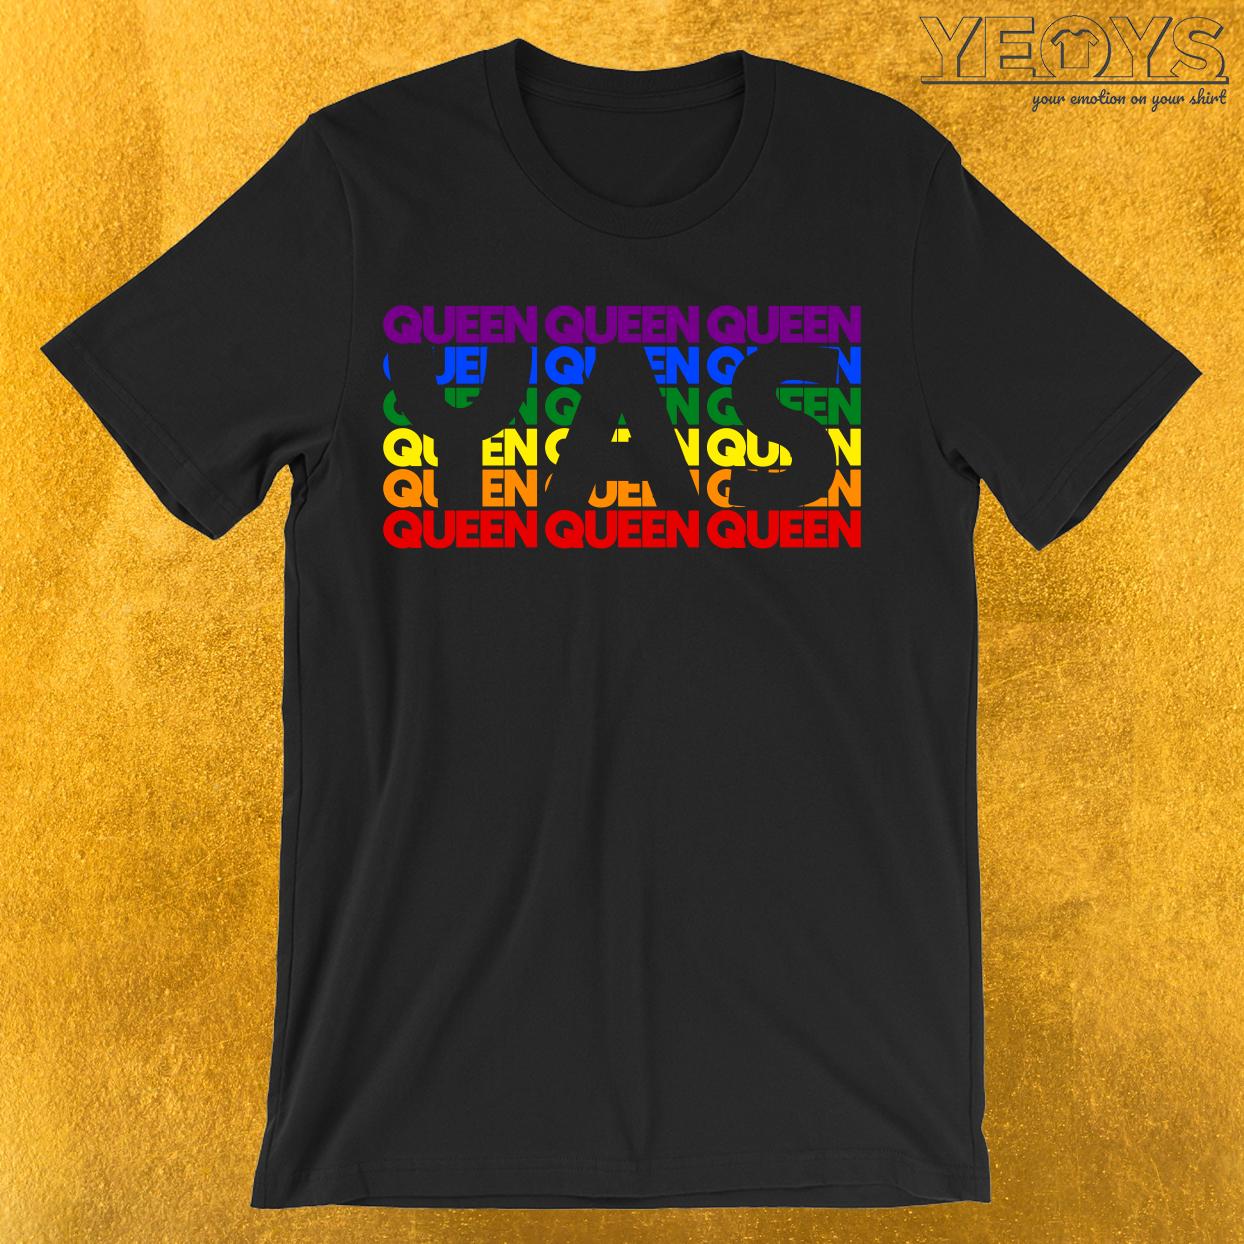 Yas Queen Queer Queen T-Shirt